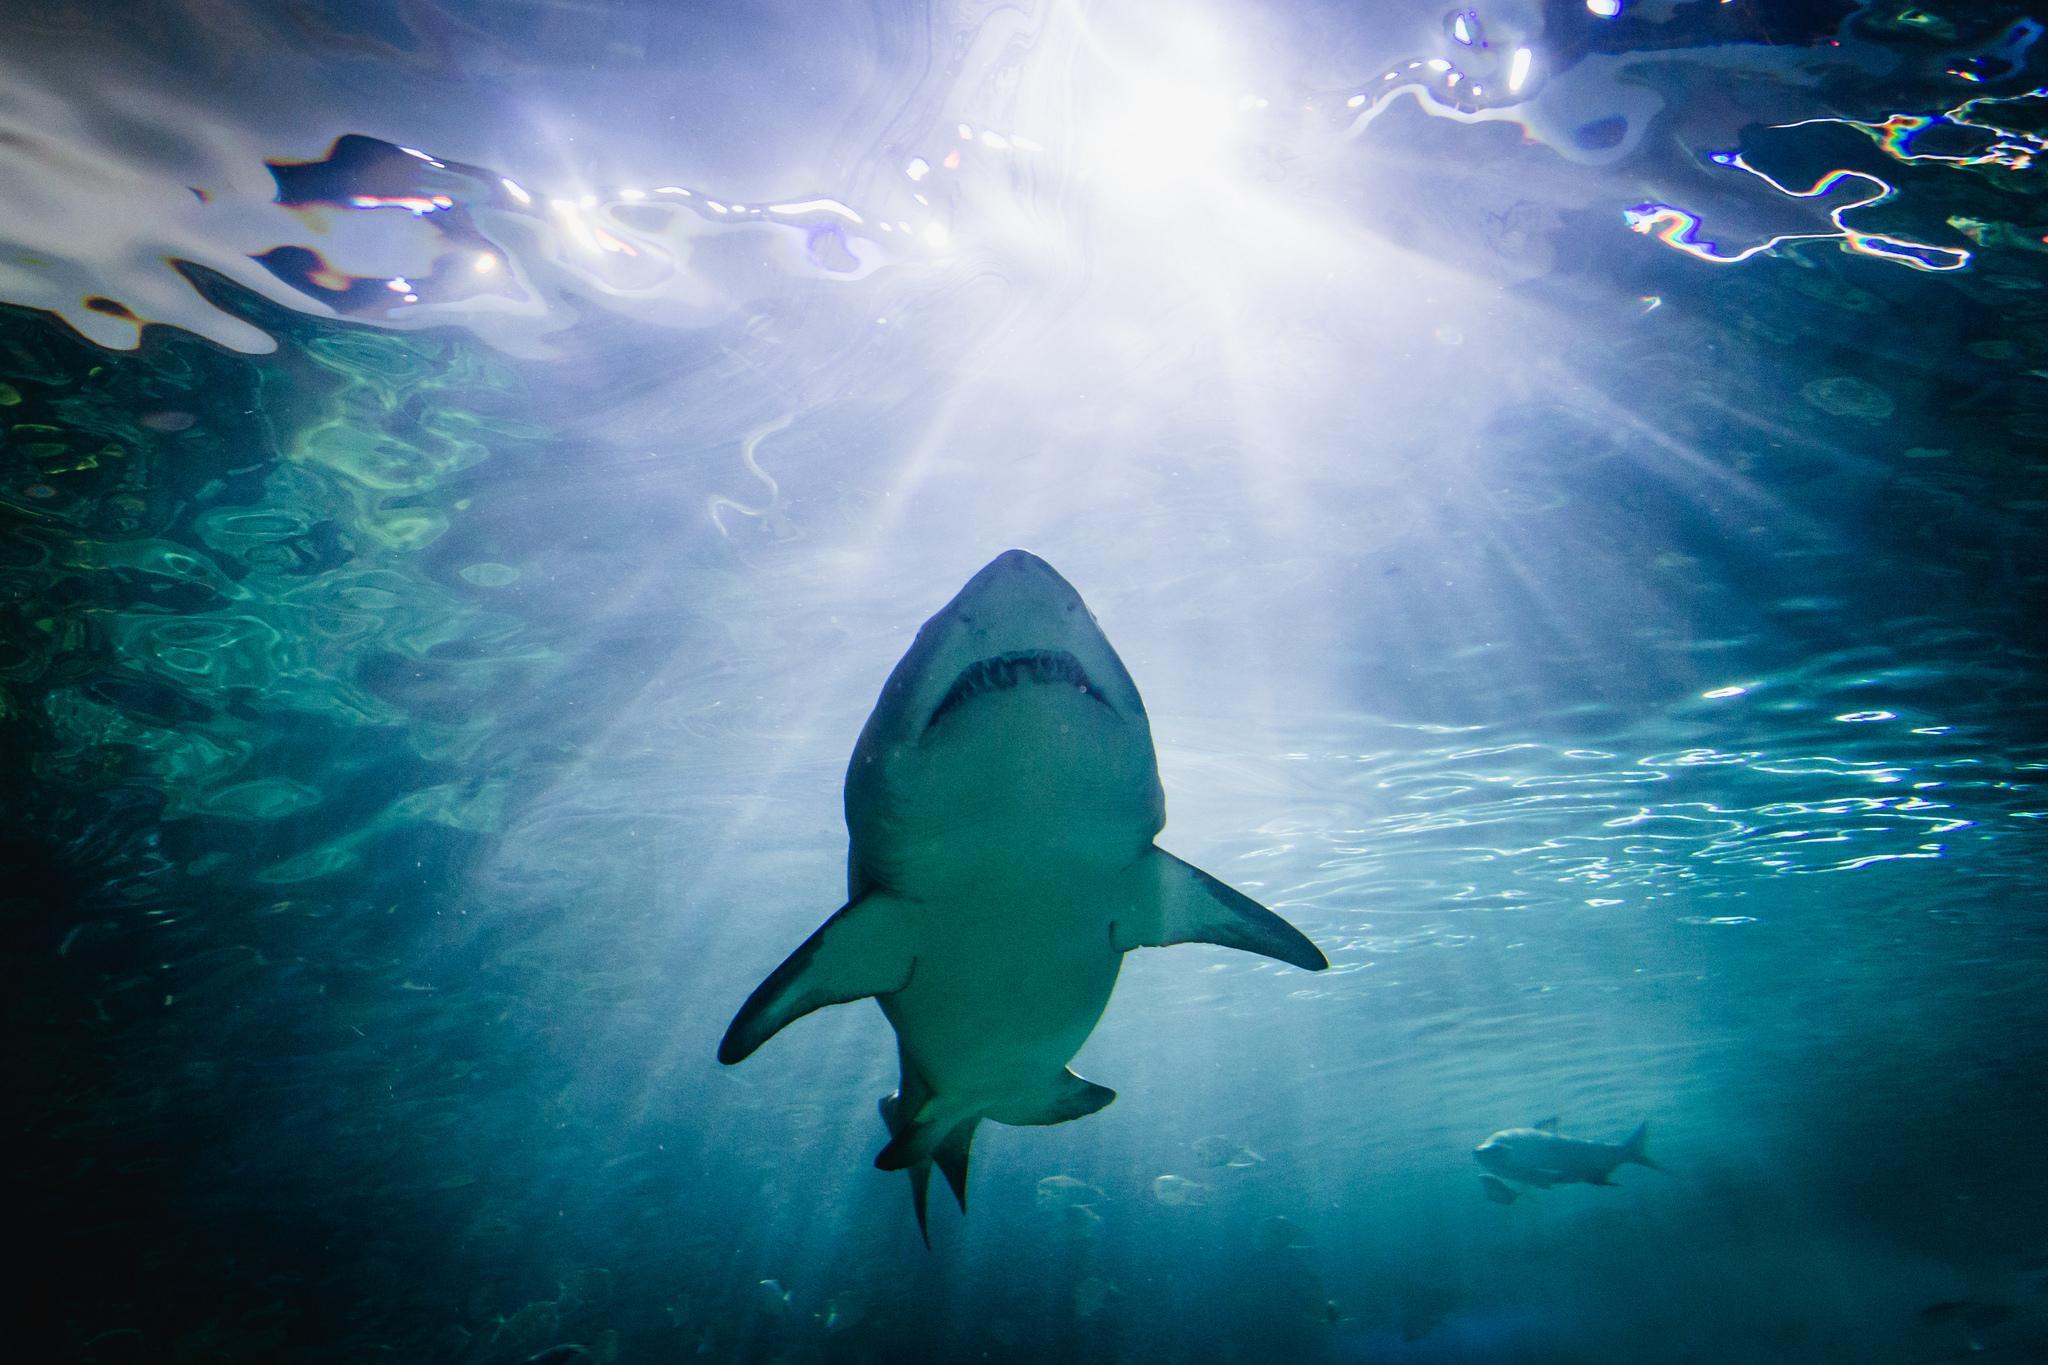 A shark at the Ripley's Aquarium of Canada